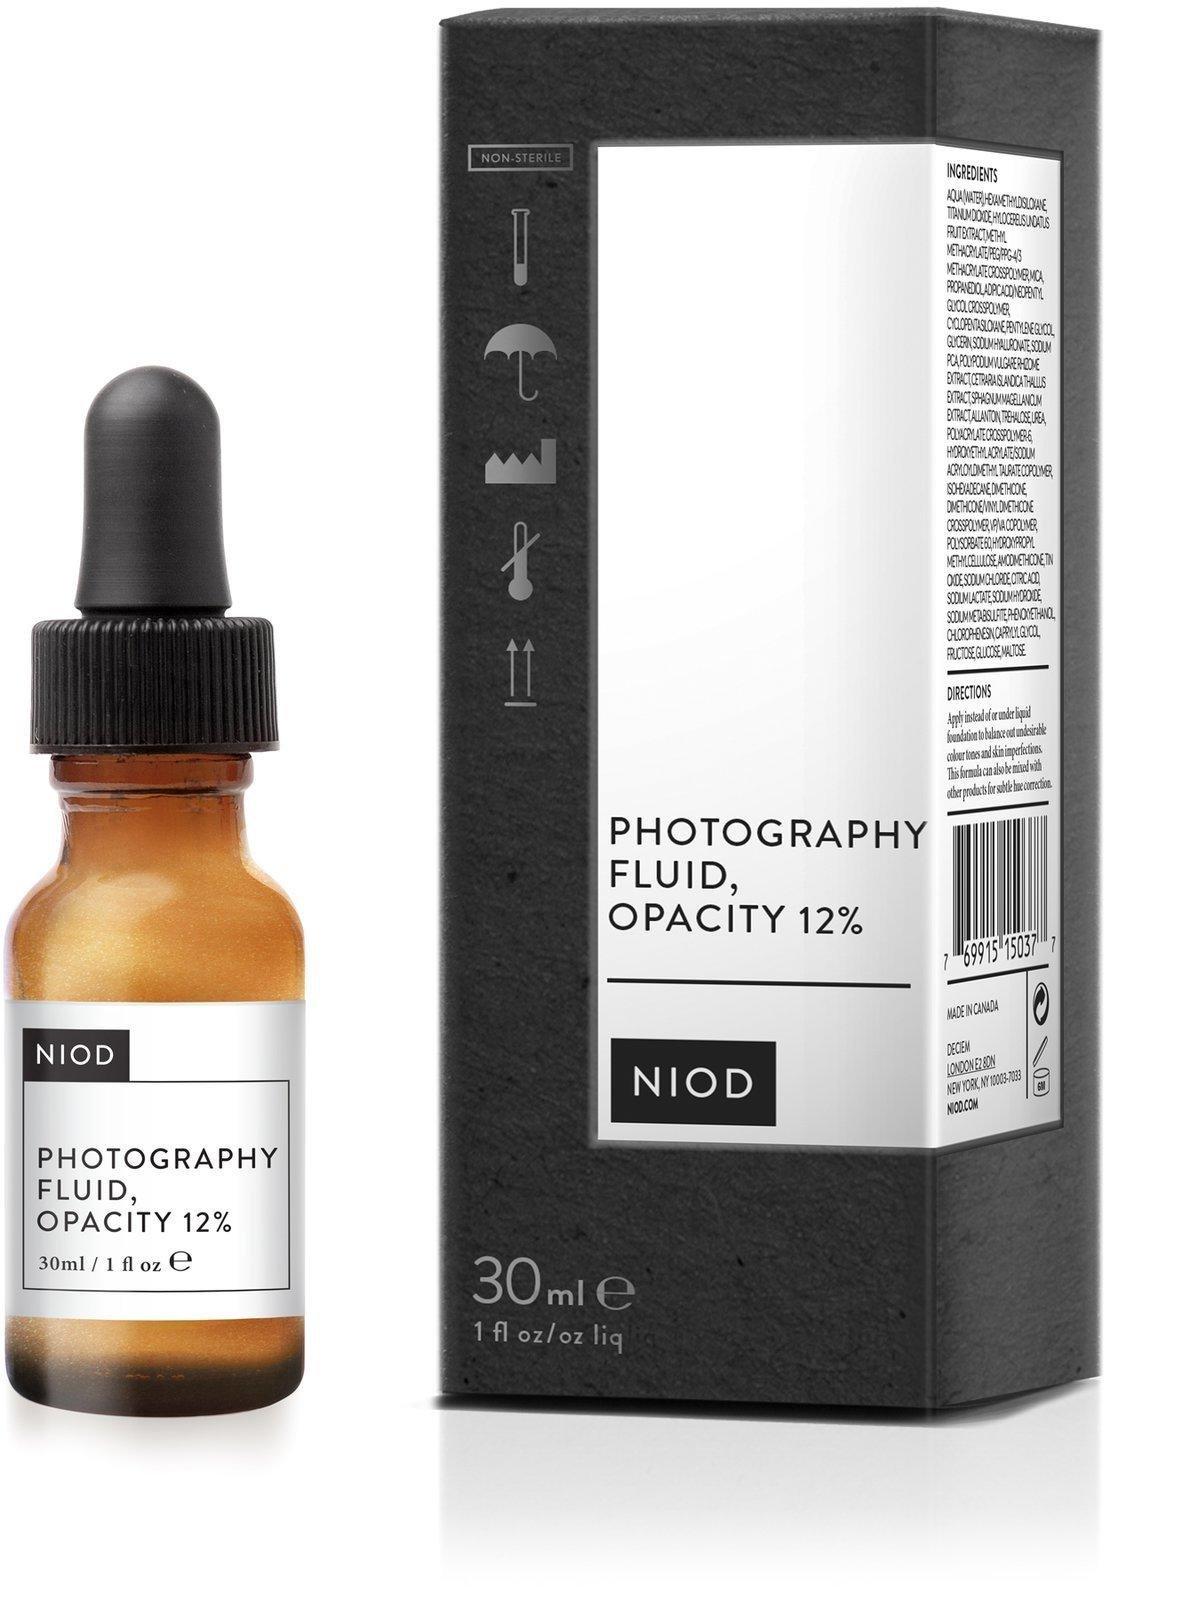 Photography Fluid, Opacity 12%